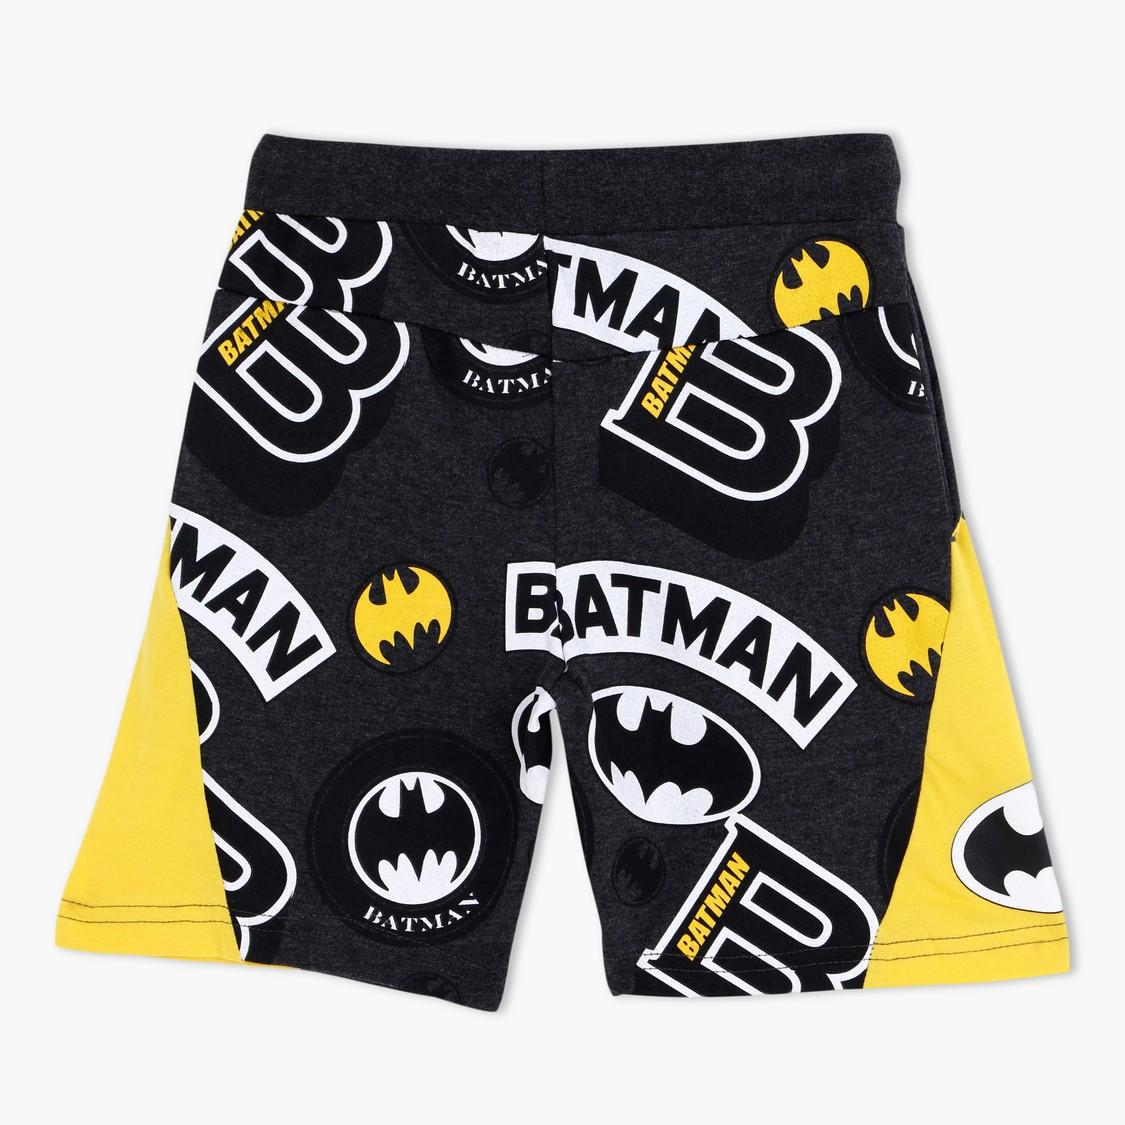 Batman Printed Shorts with Drawstrings